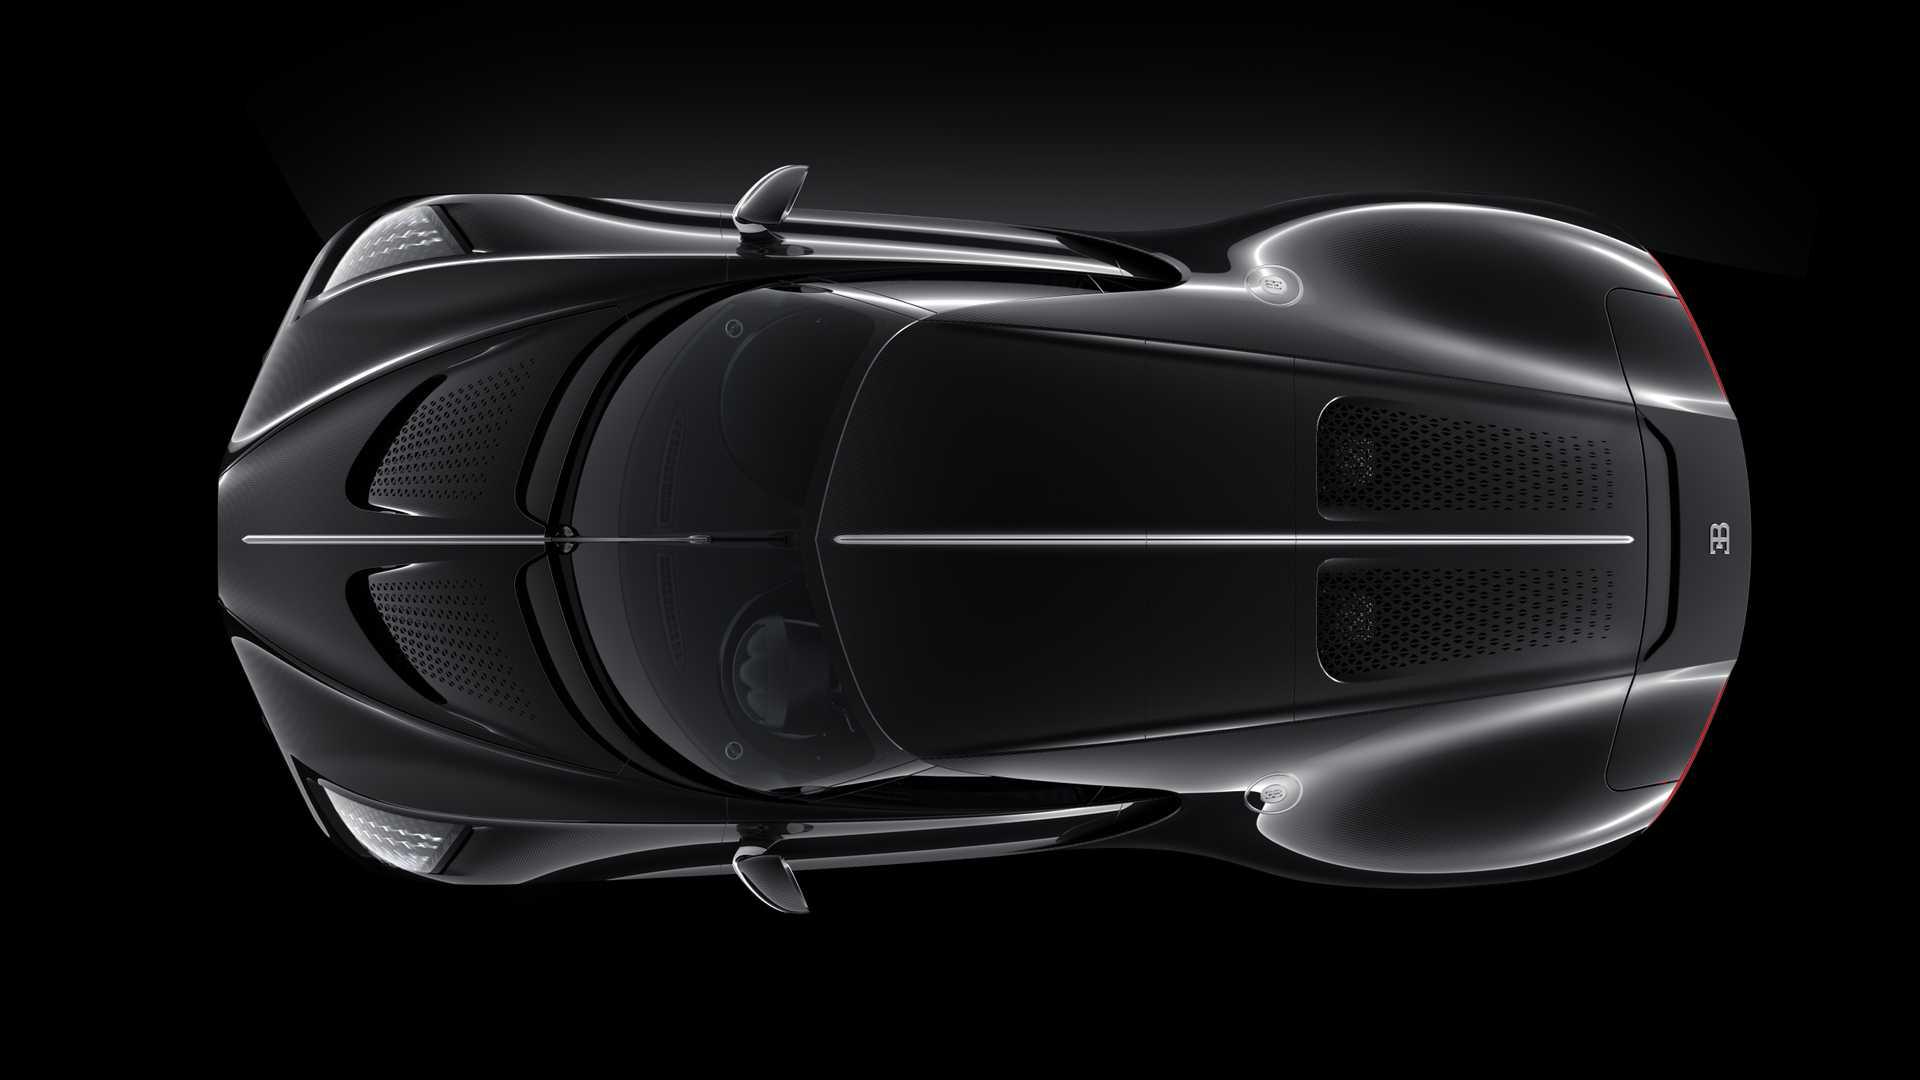 bugatti-la-voiture-noire (10)